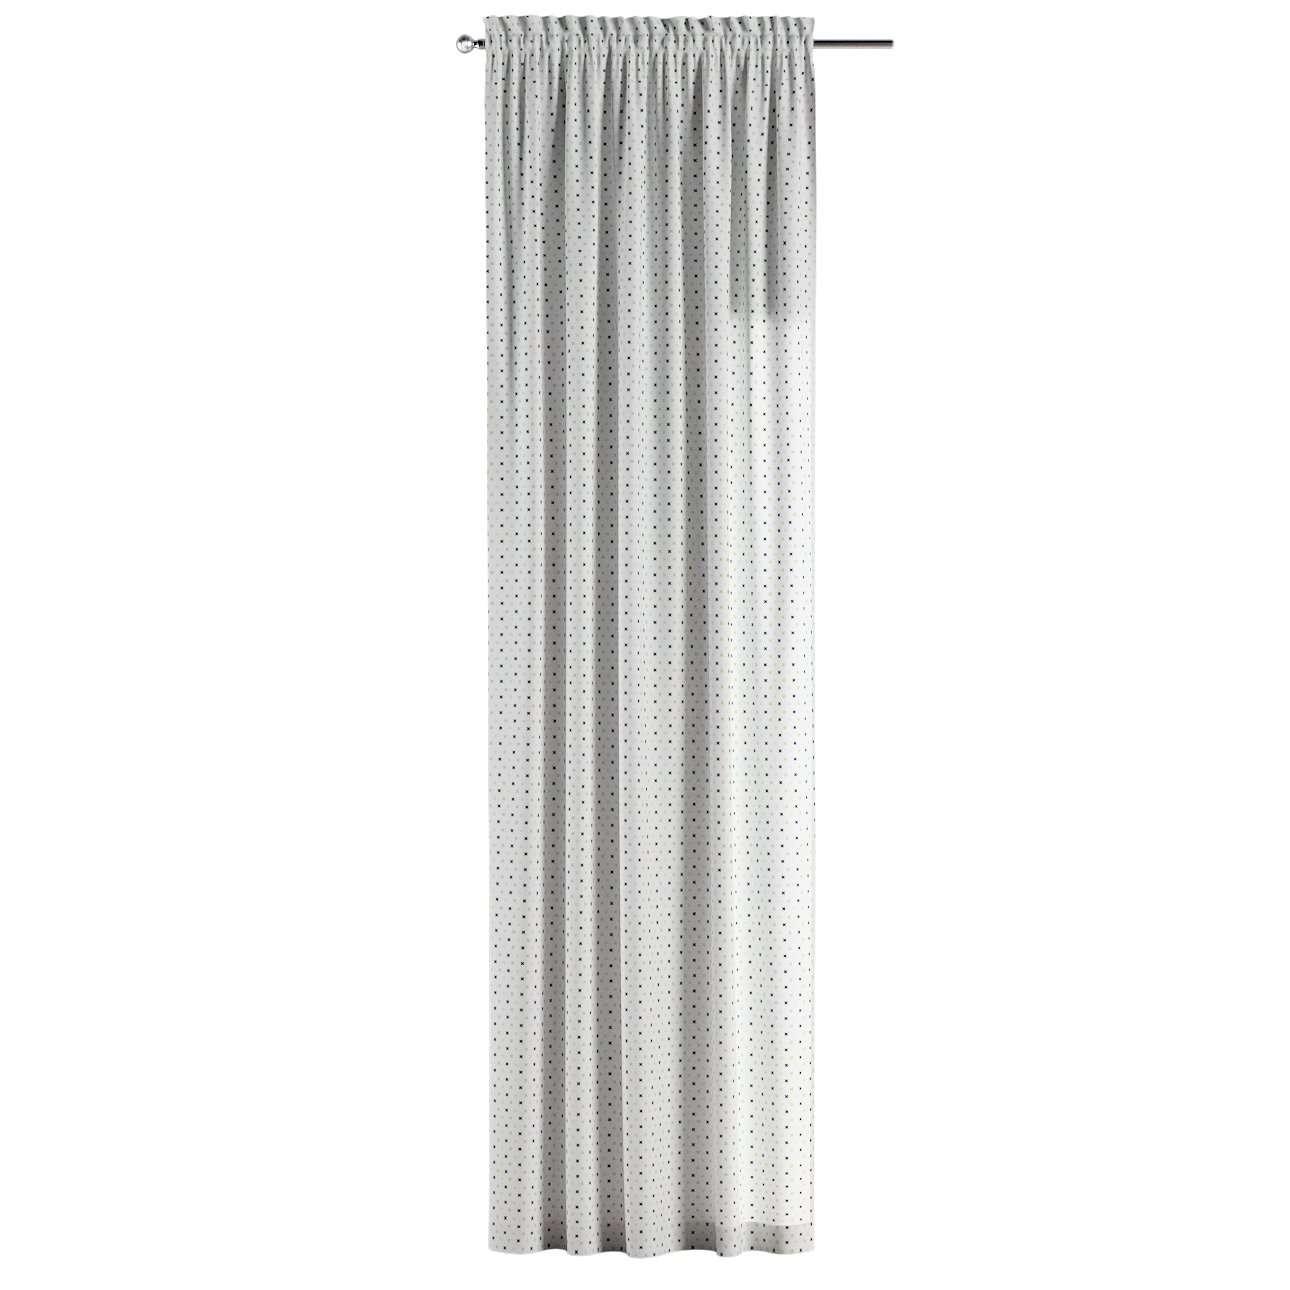 Gardin med kanal - Multiband 1 längd i kollektionen Adventure, Tyg: 141-83